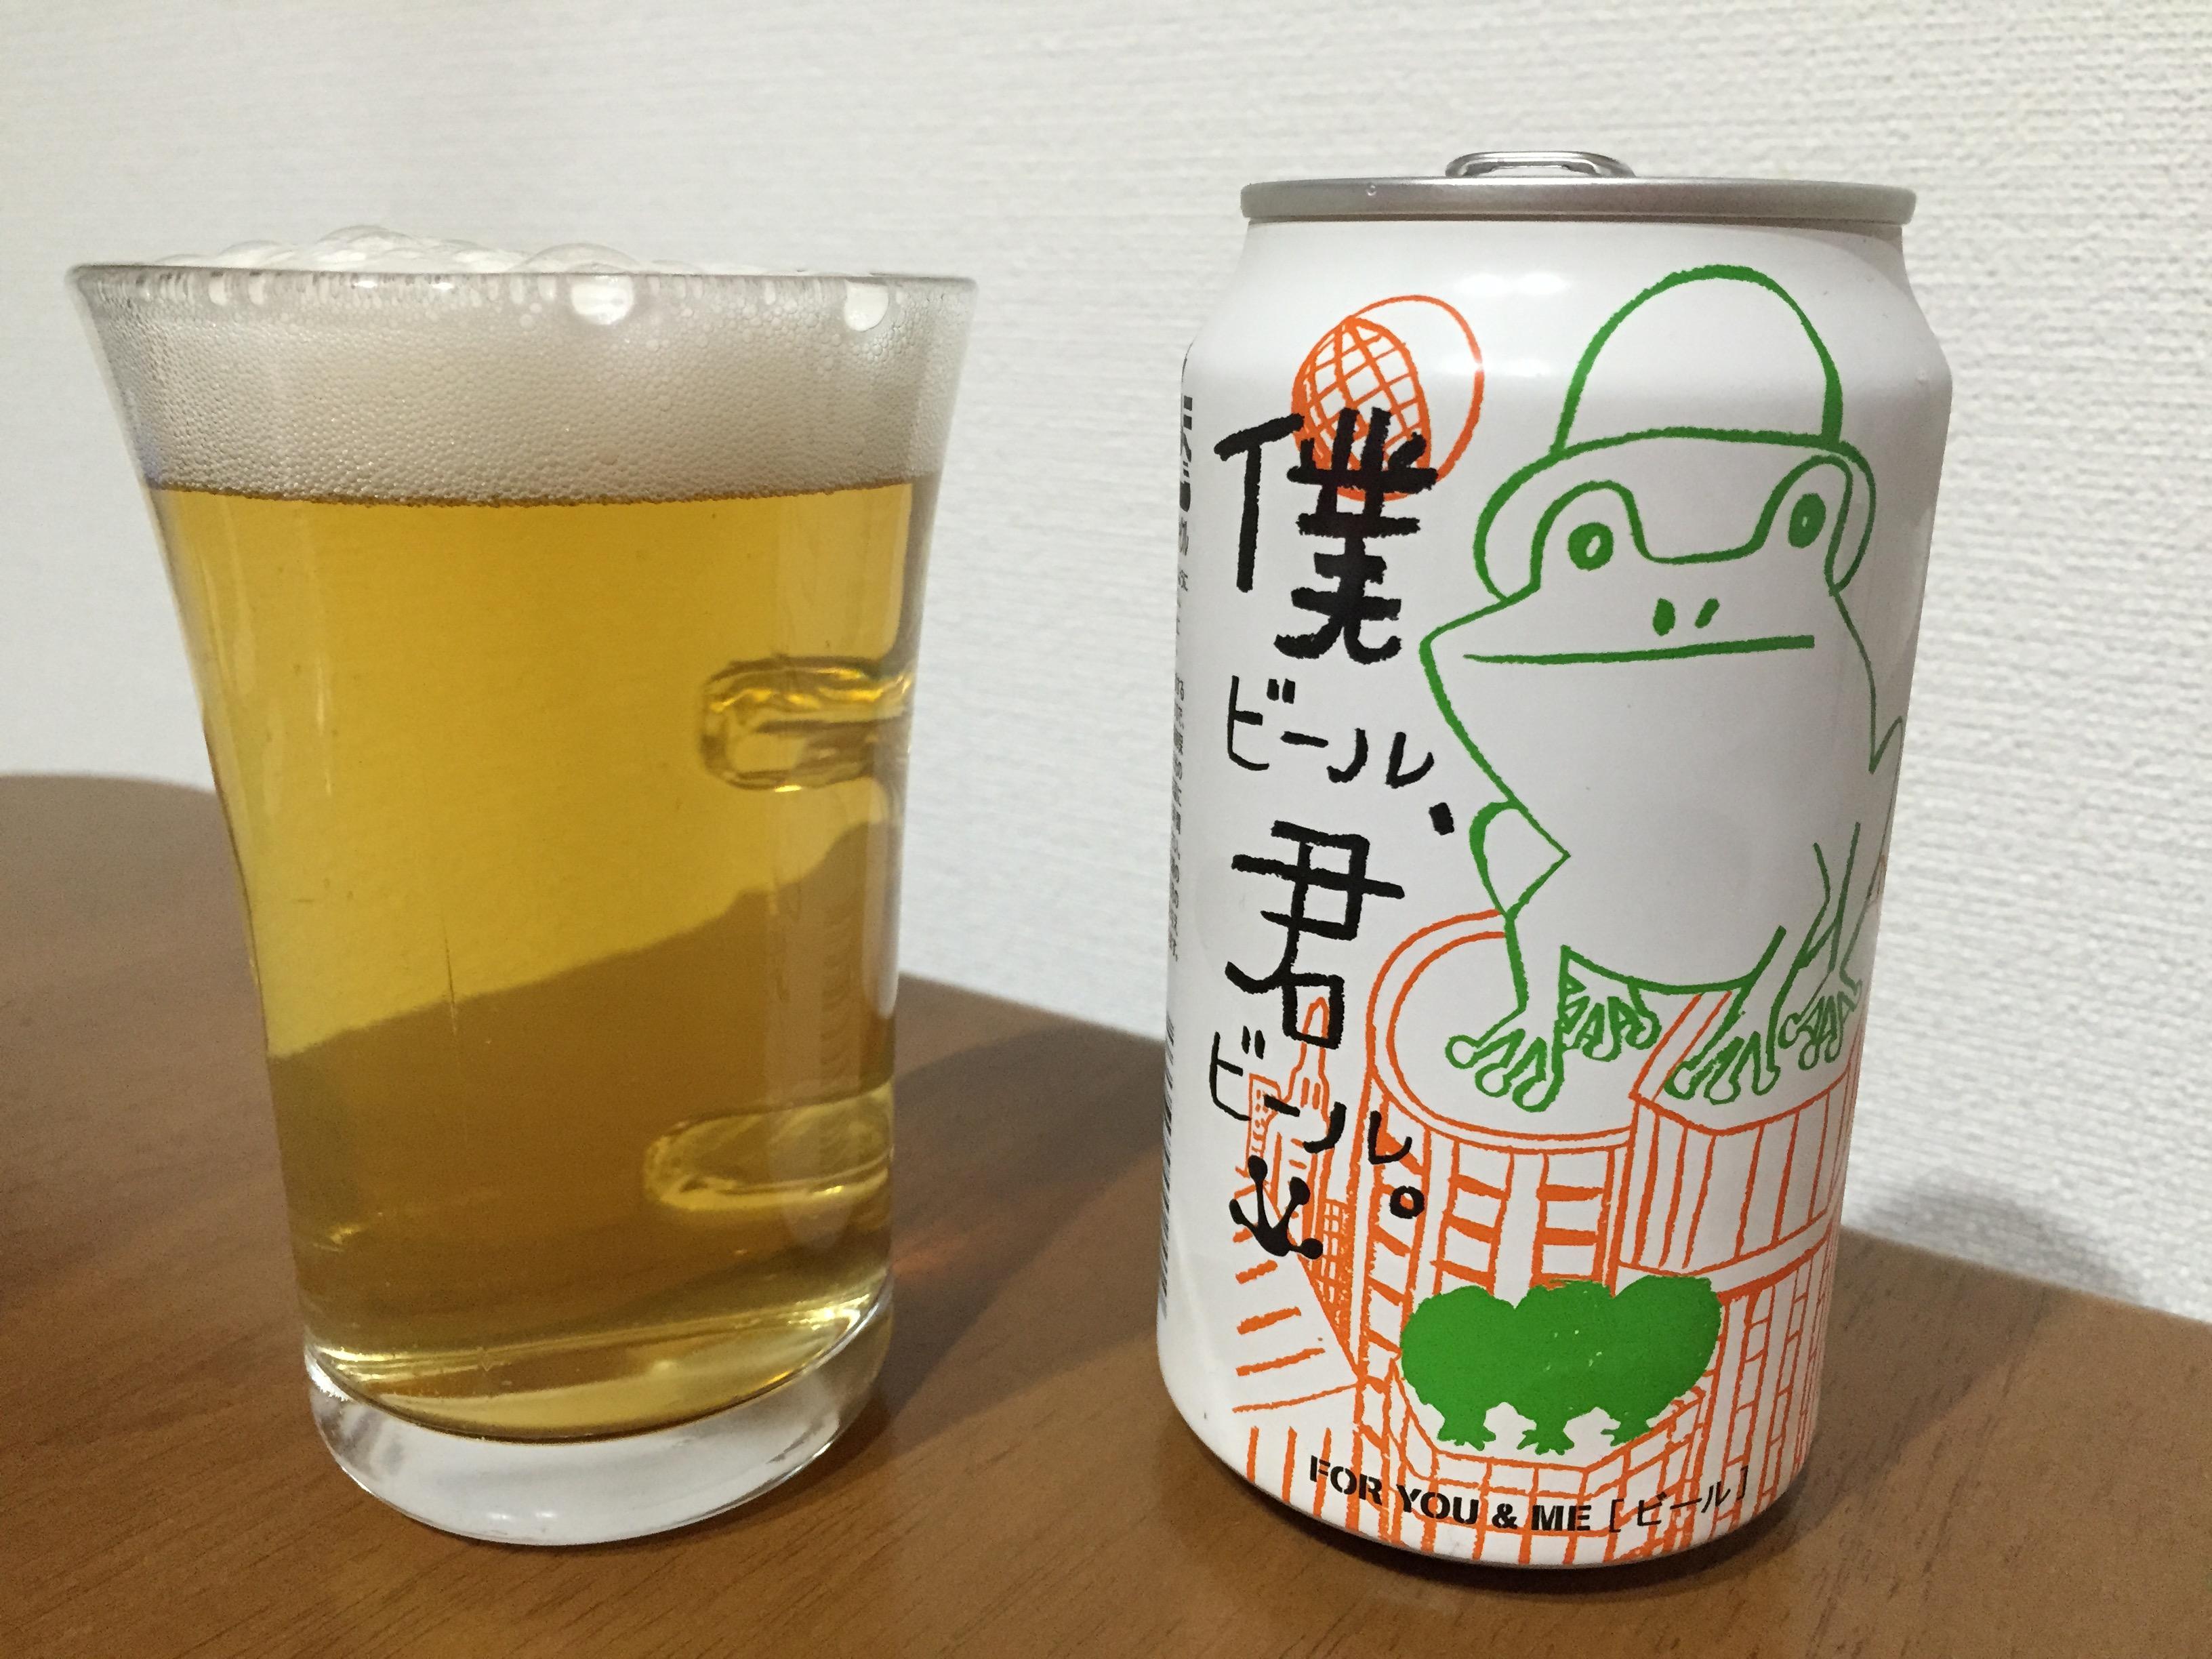 ヤッホーブルーイング「僕ビール、君ビール。」ローソン限定!